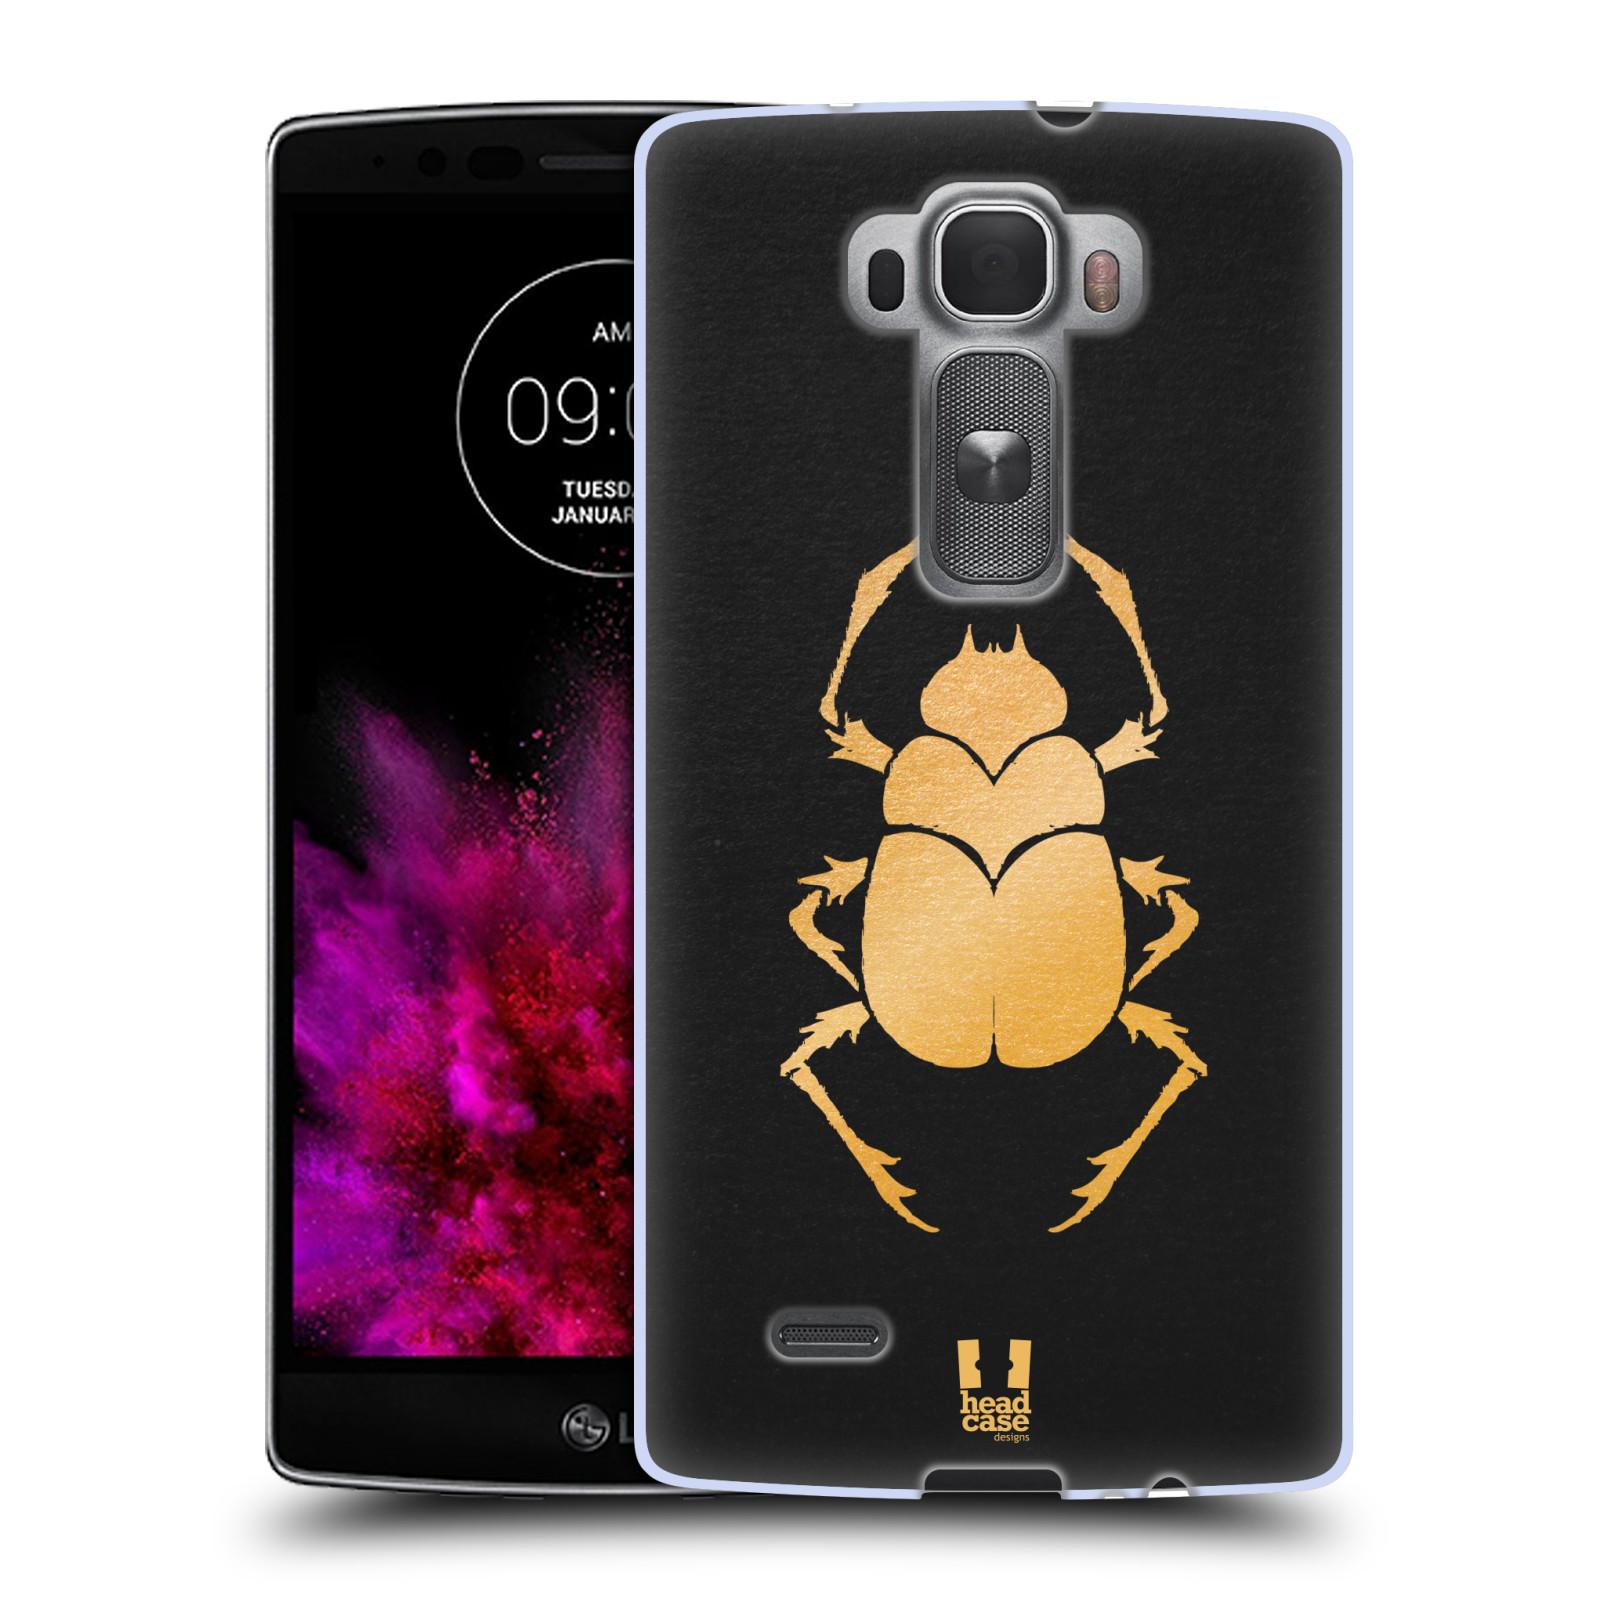 Silikonové pouzdro na mobil LG G Flex 2 HEAD CASE EGYPT SCARABEUS (Silikonový kryt či obal na mobilní telefon LG G Flex 2 H955)